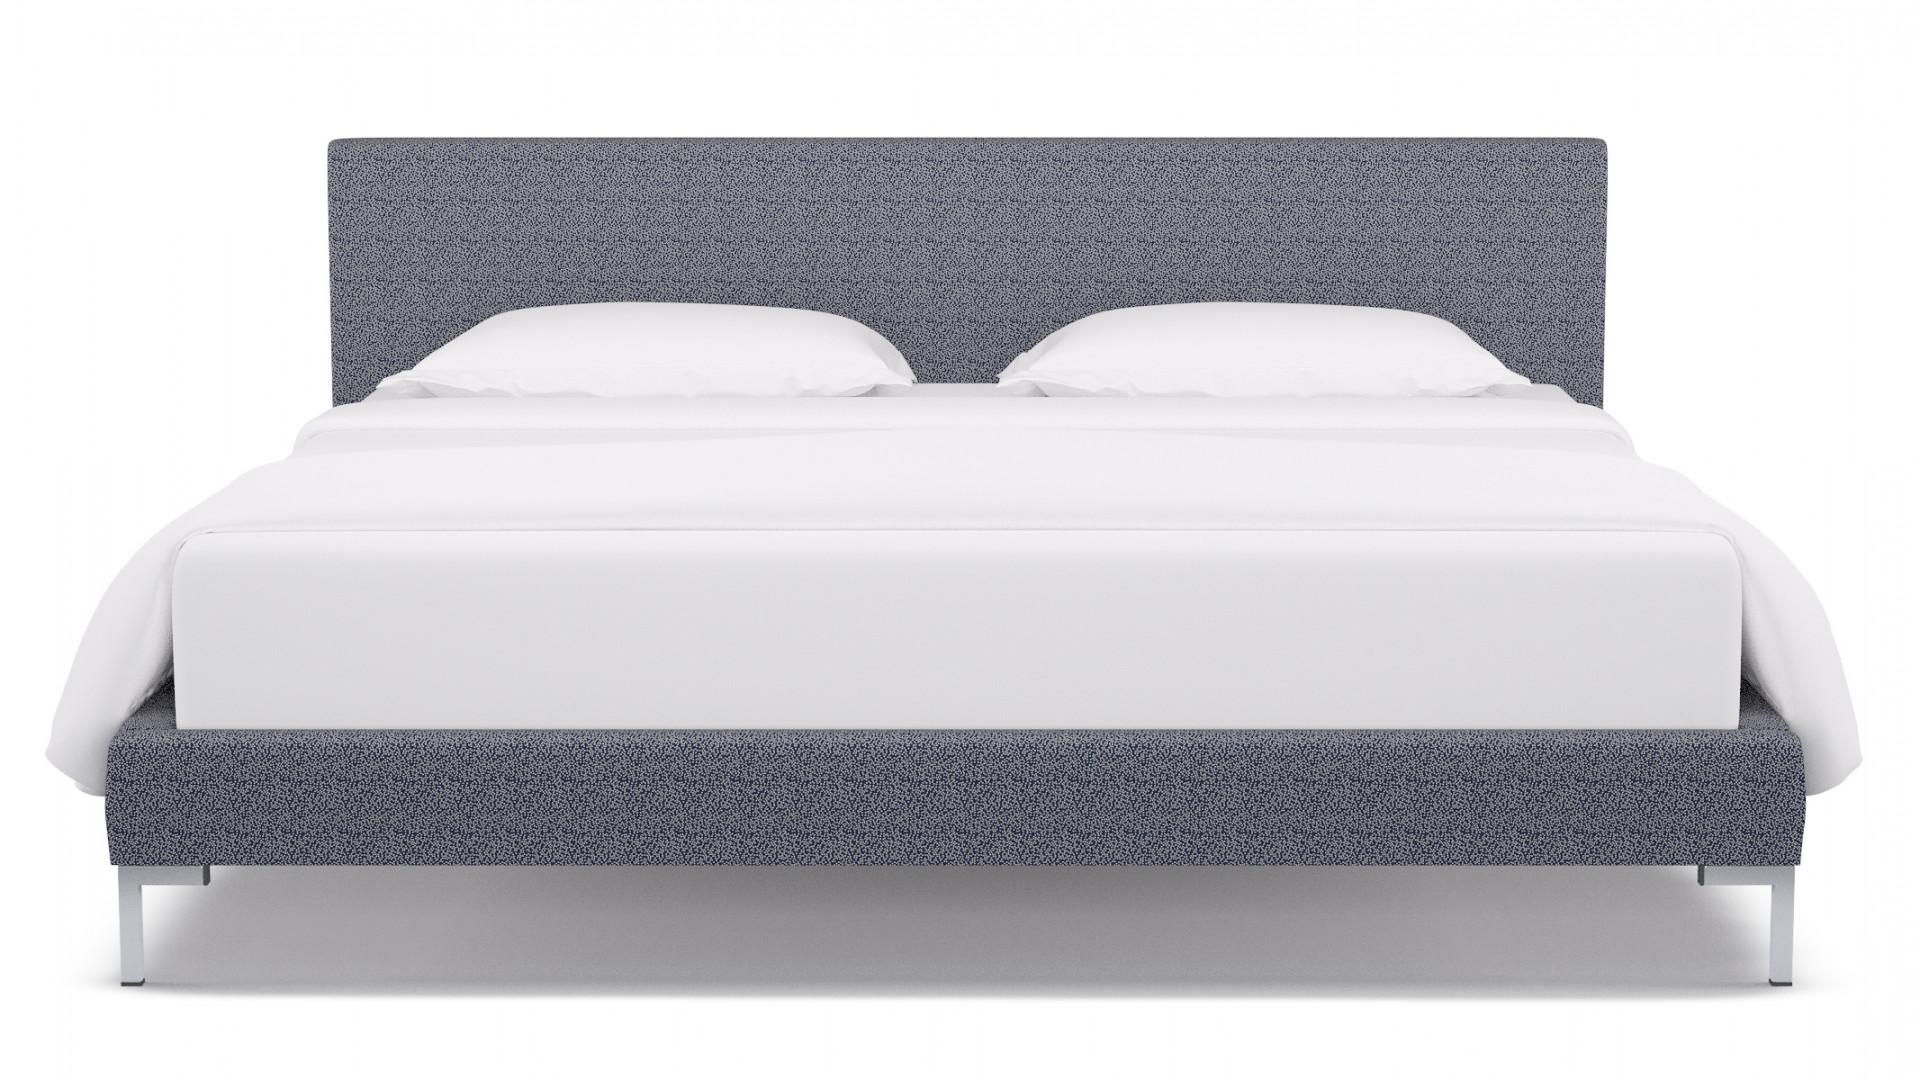 Navy Scattered Dot Modern Platform Bed King The Inside